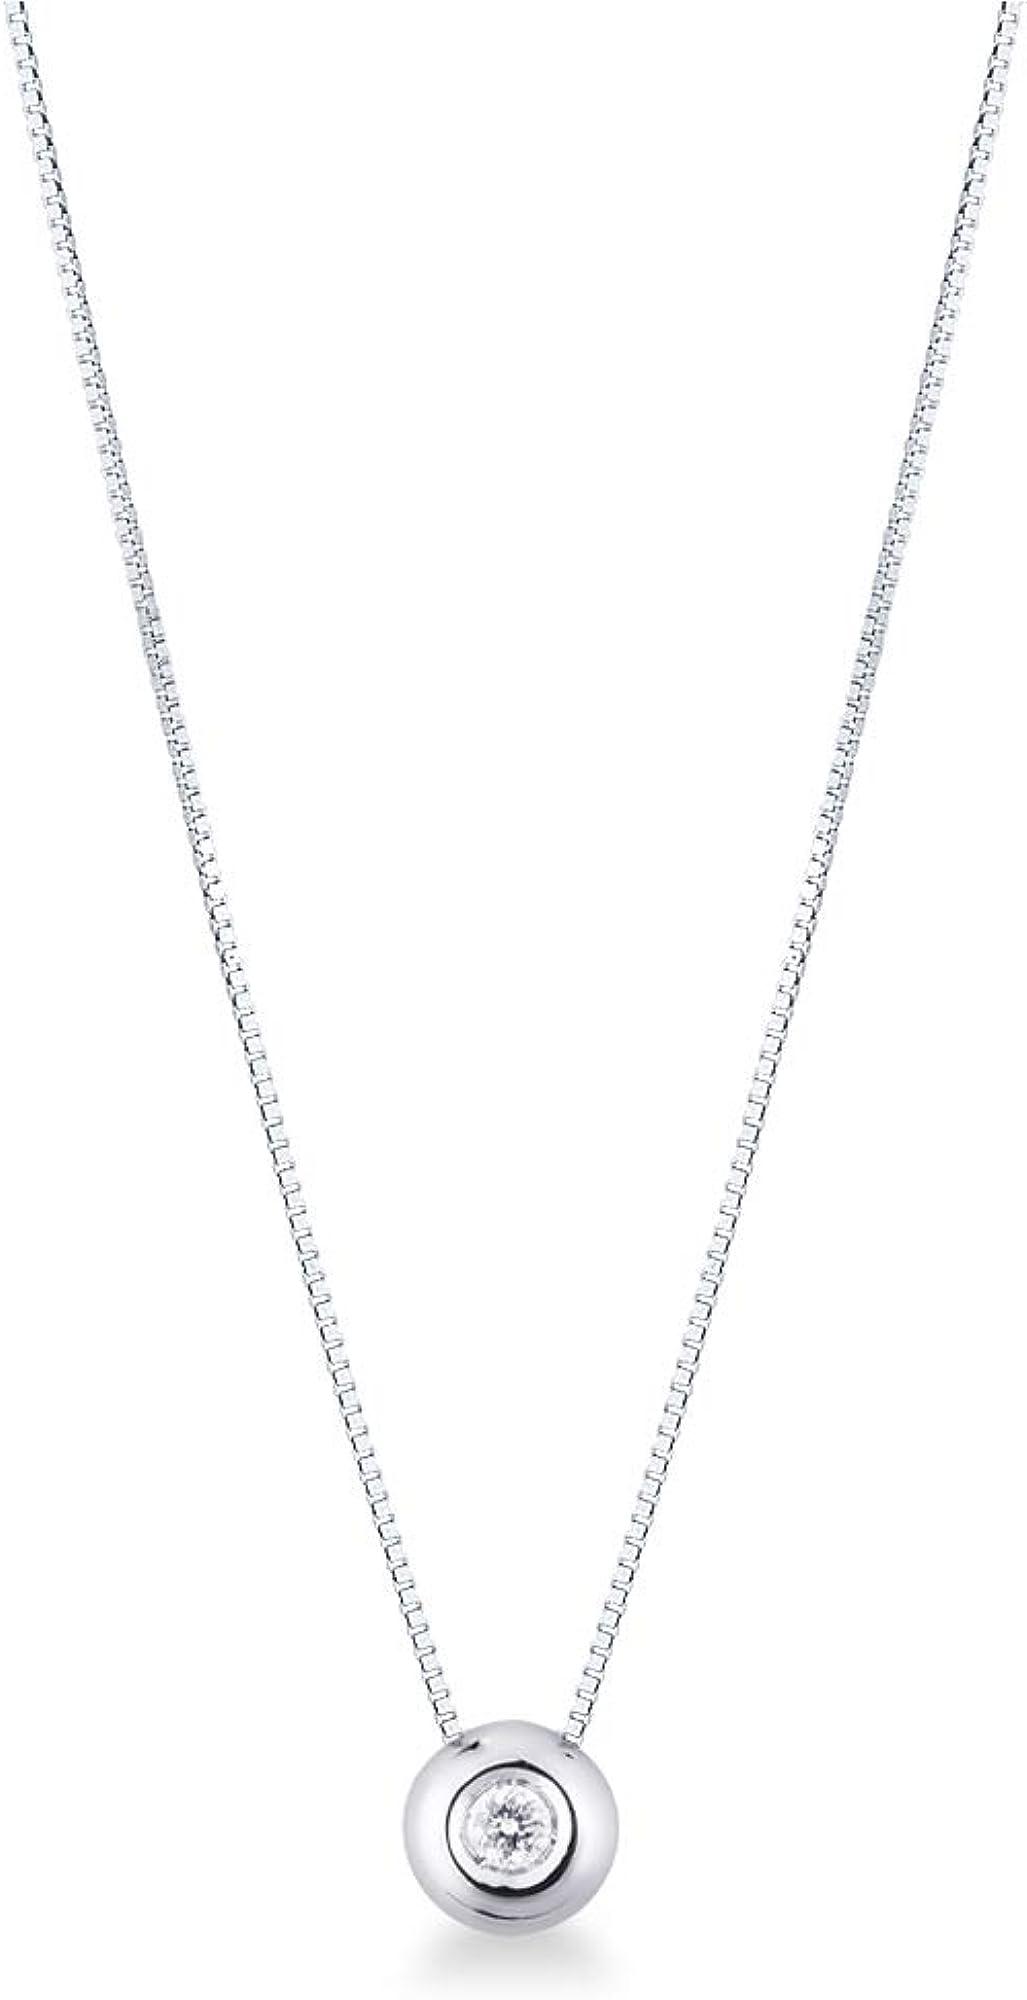 Collana punto luce in oro bianco 18k con diamante 0,05 carati gioielli di valenza PU01005BB